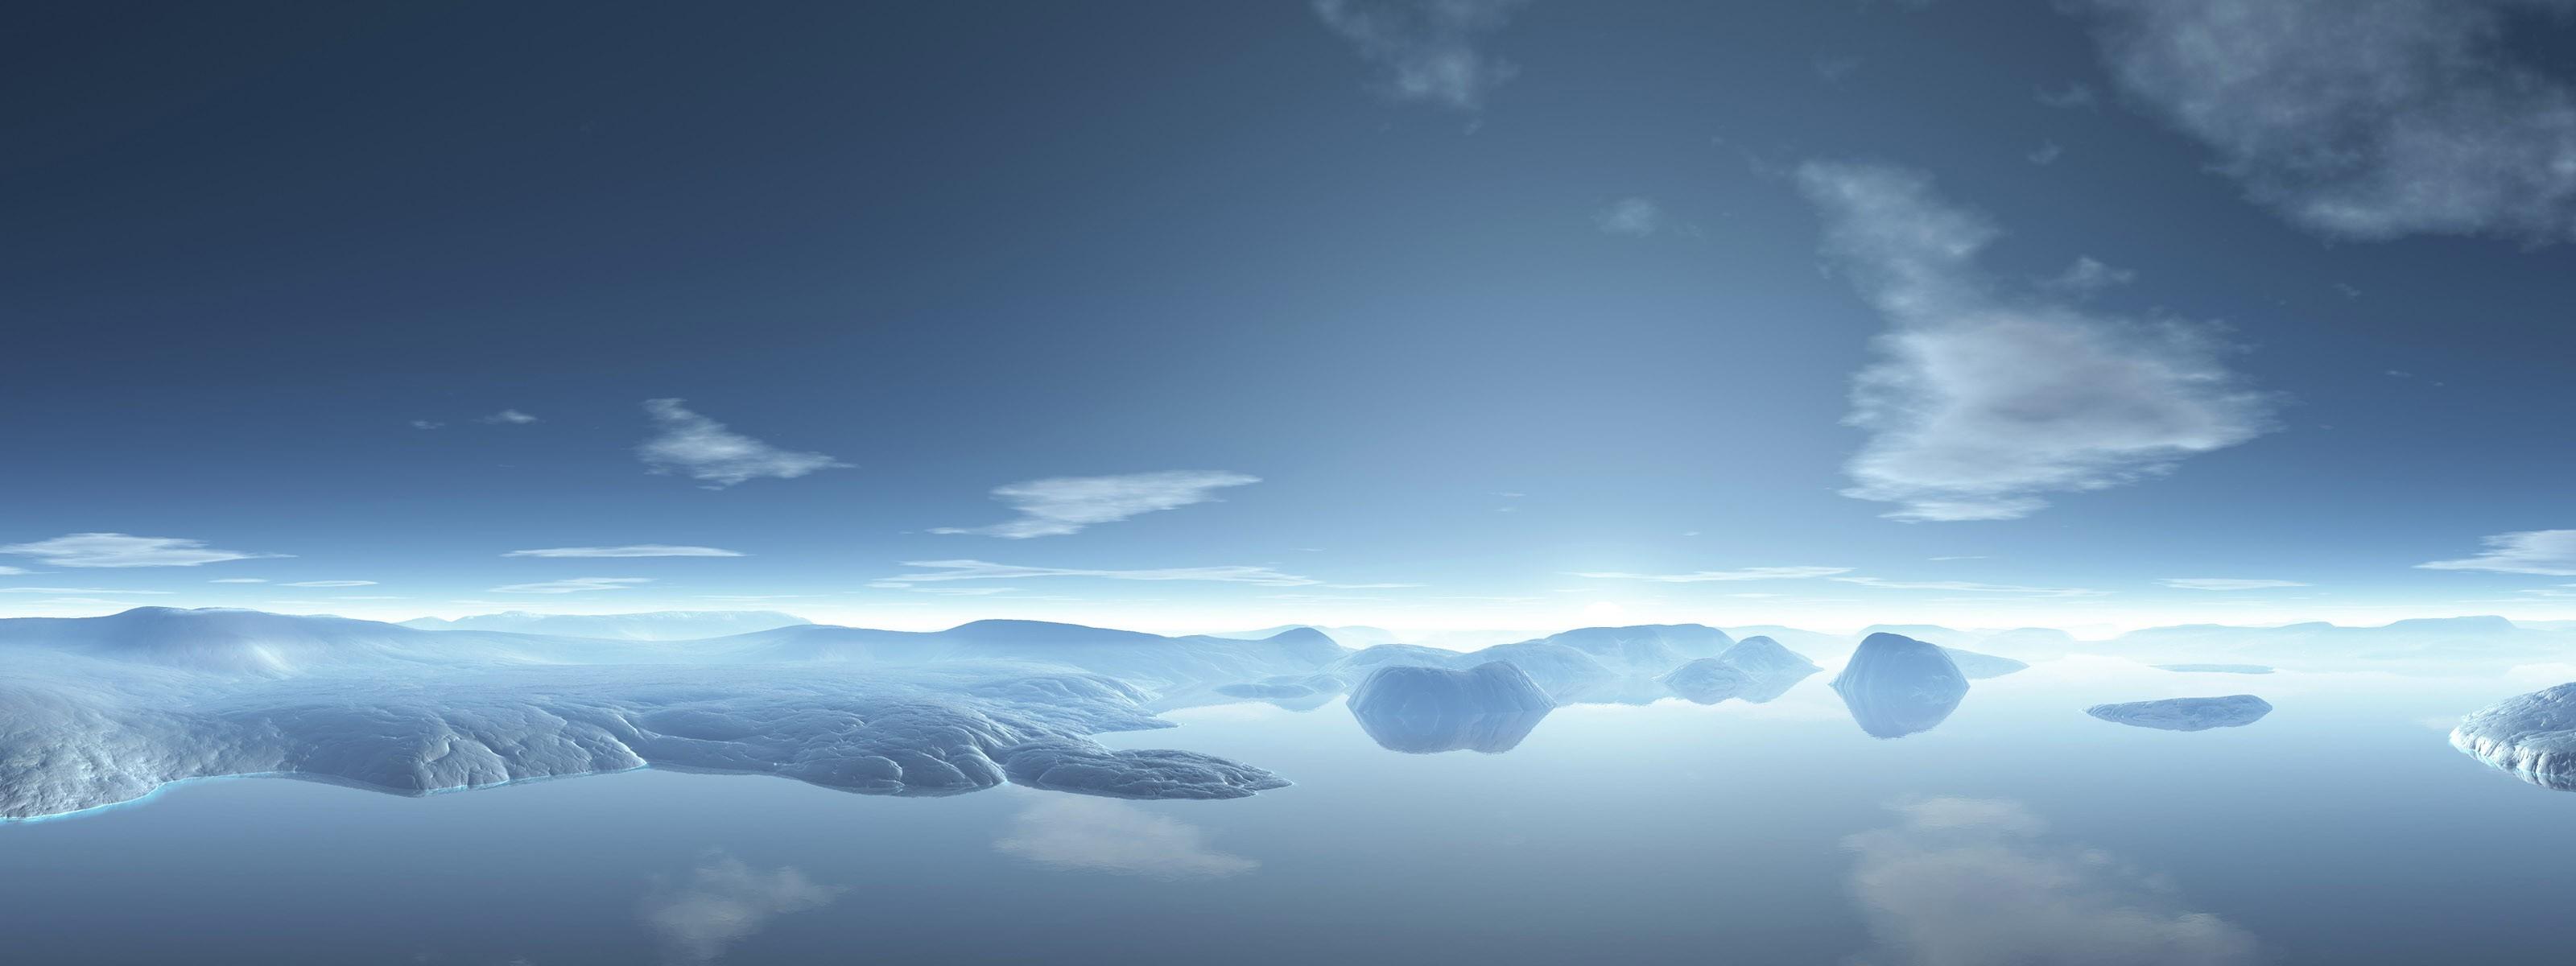 デスクトップ壁紙 日光 風景 空 地平線 マルチディスプレイ